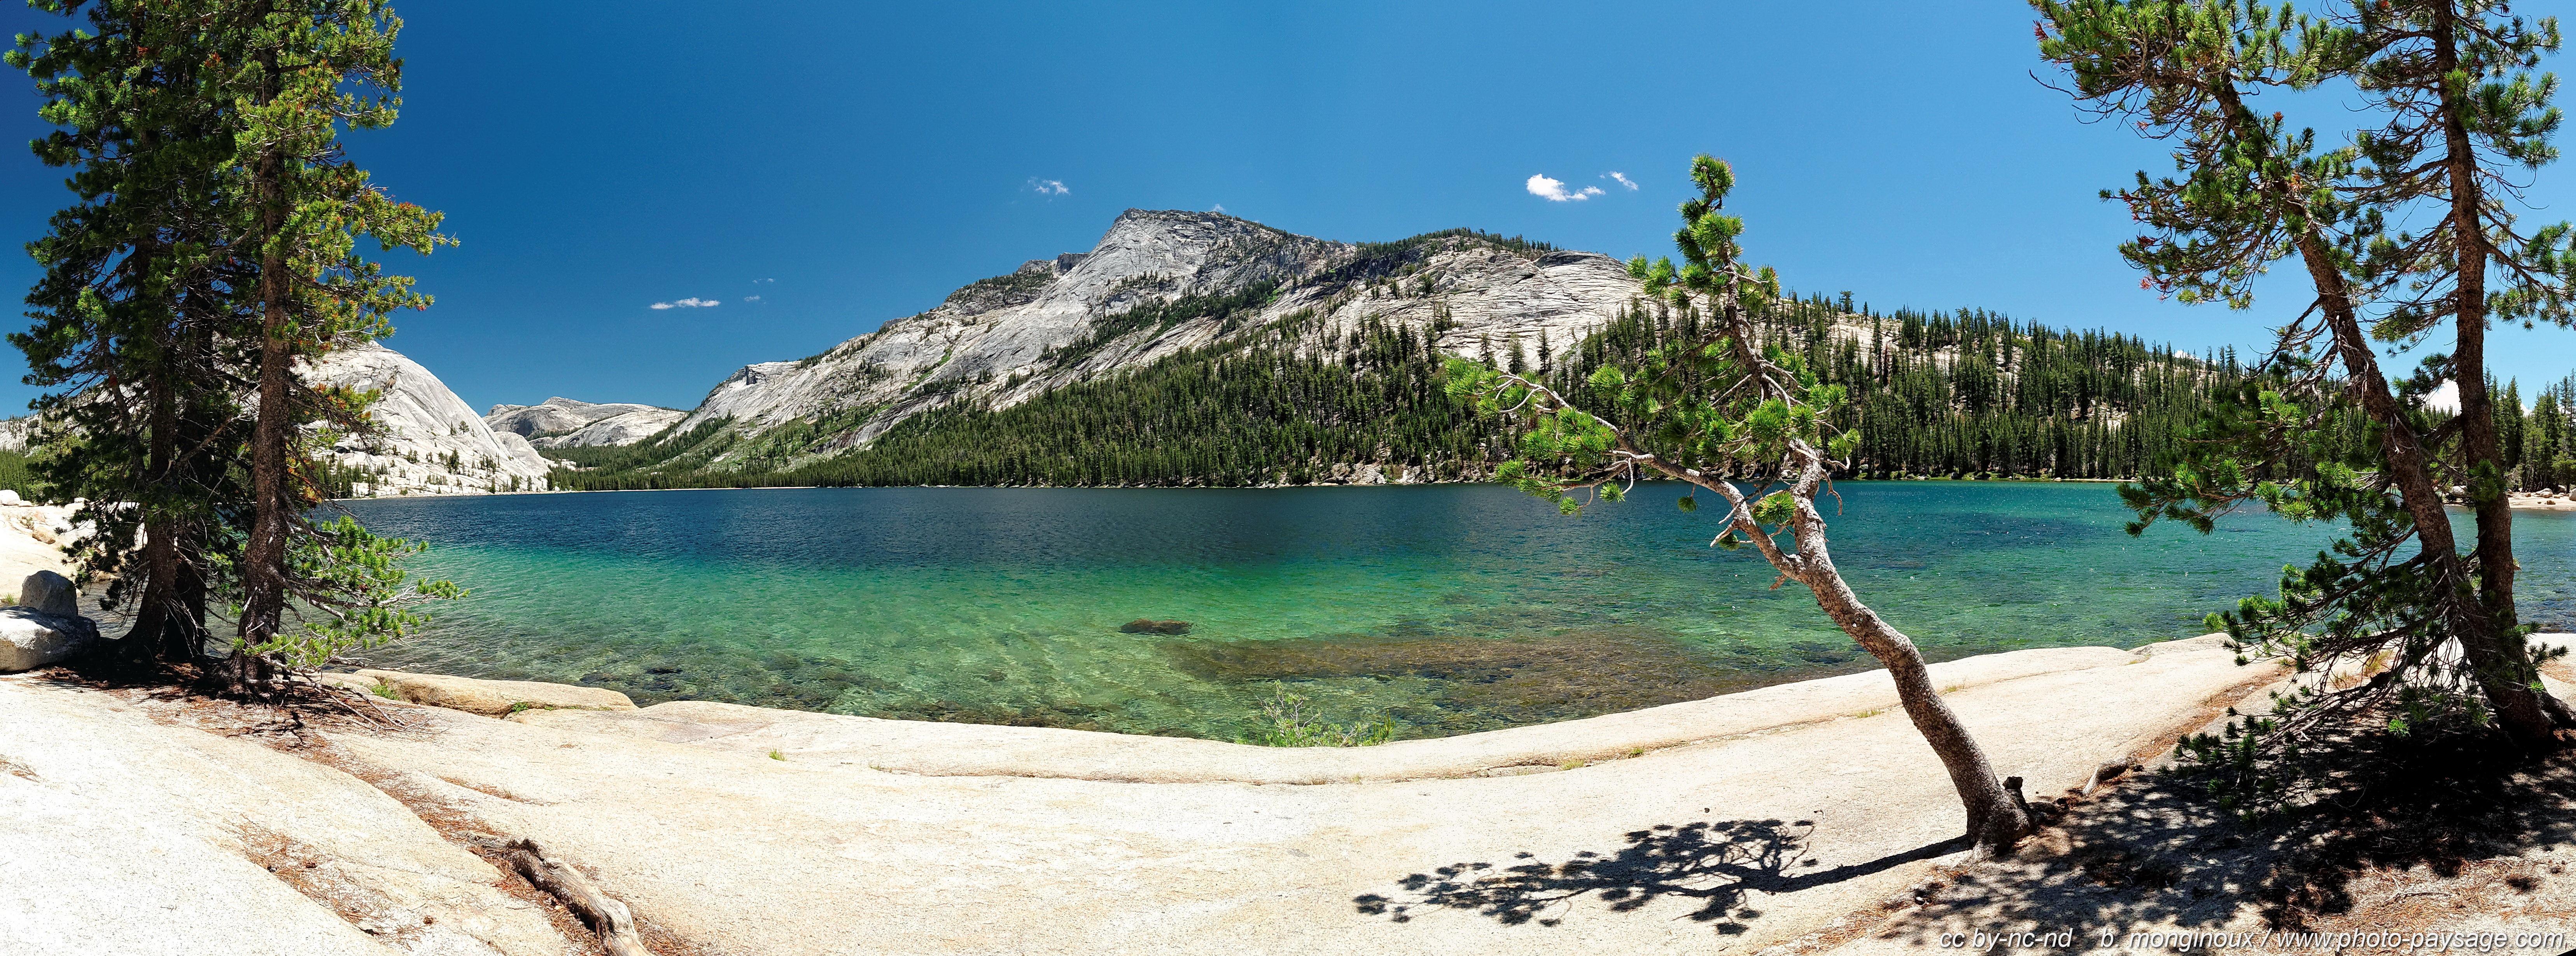 Photos Panoramiques Les Berges Du Lac Tenaya Photo Paysage Com Photo Paysage Com